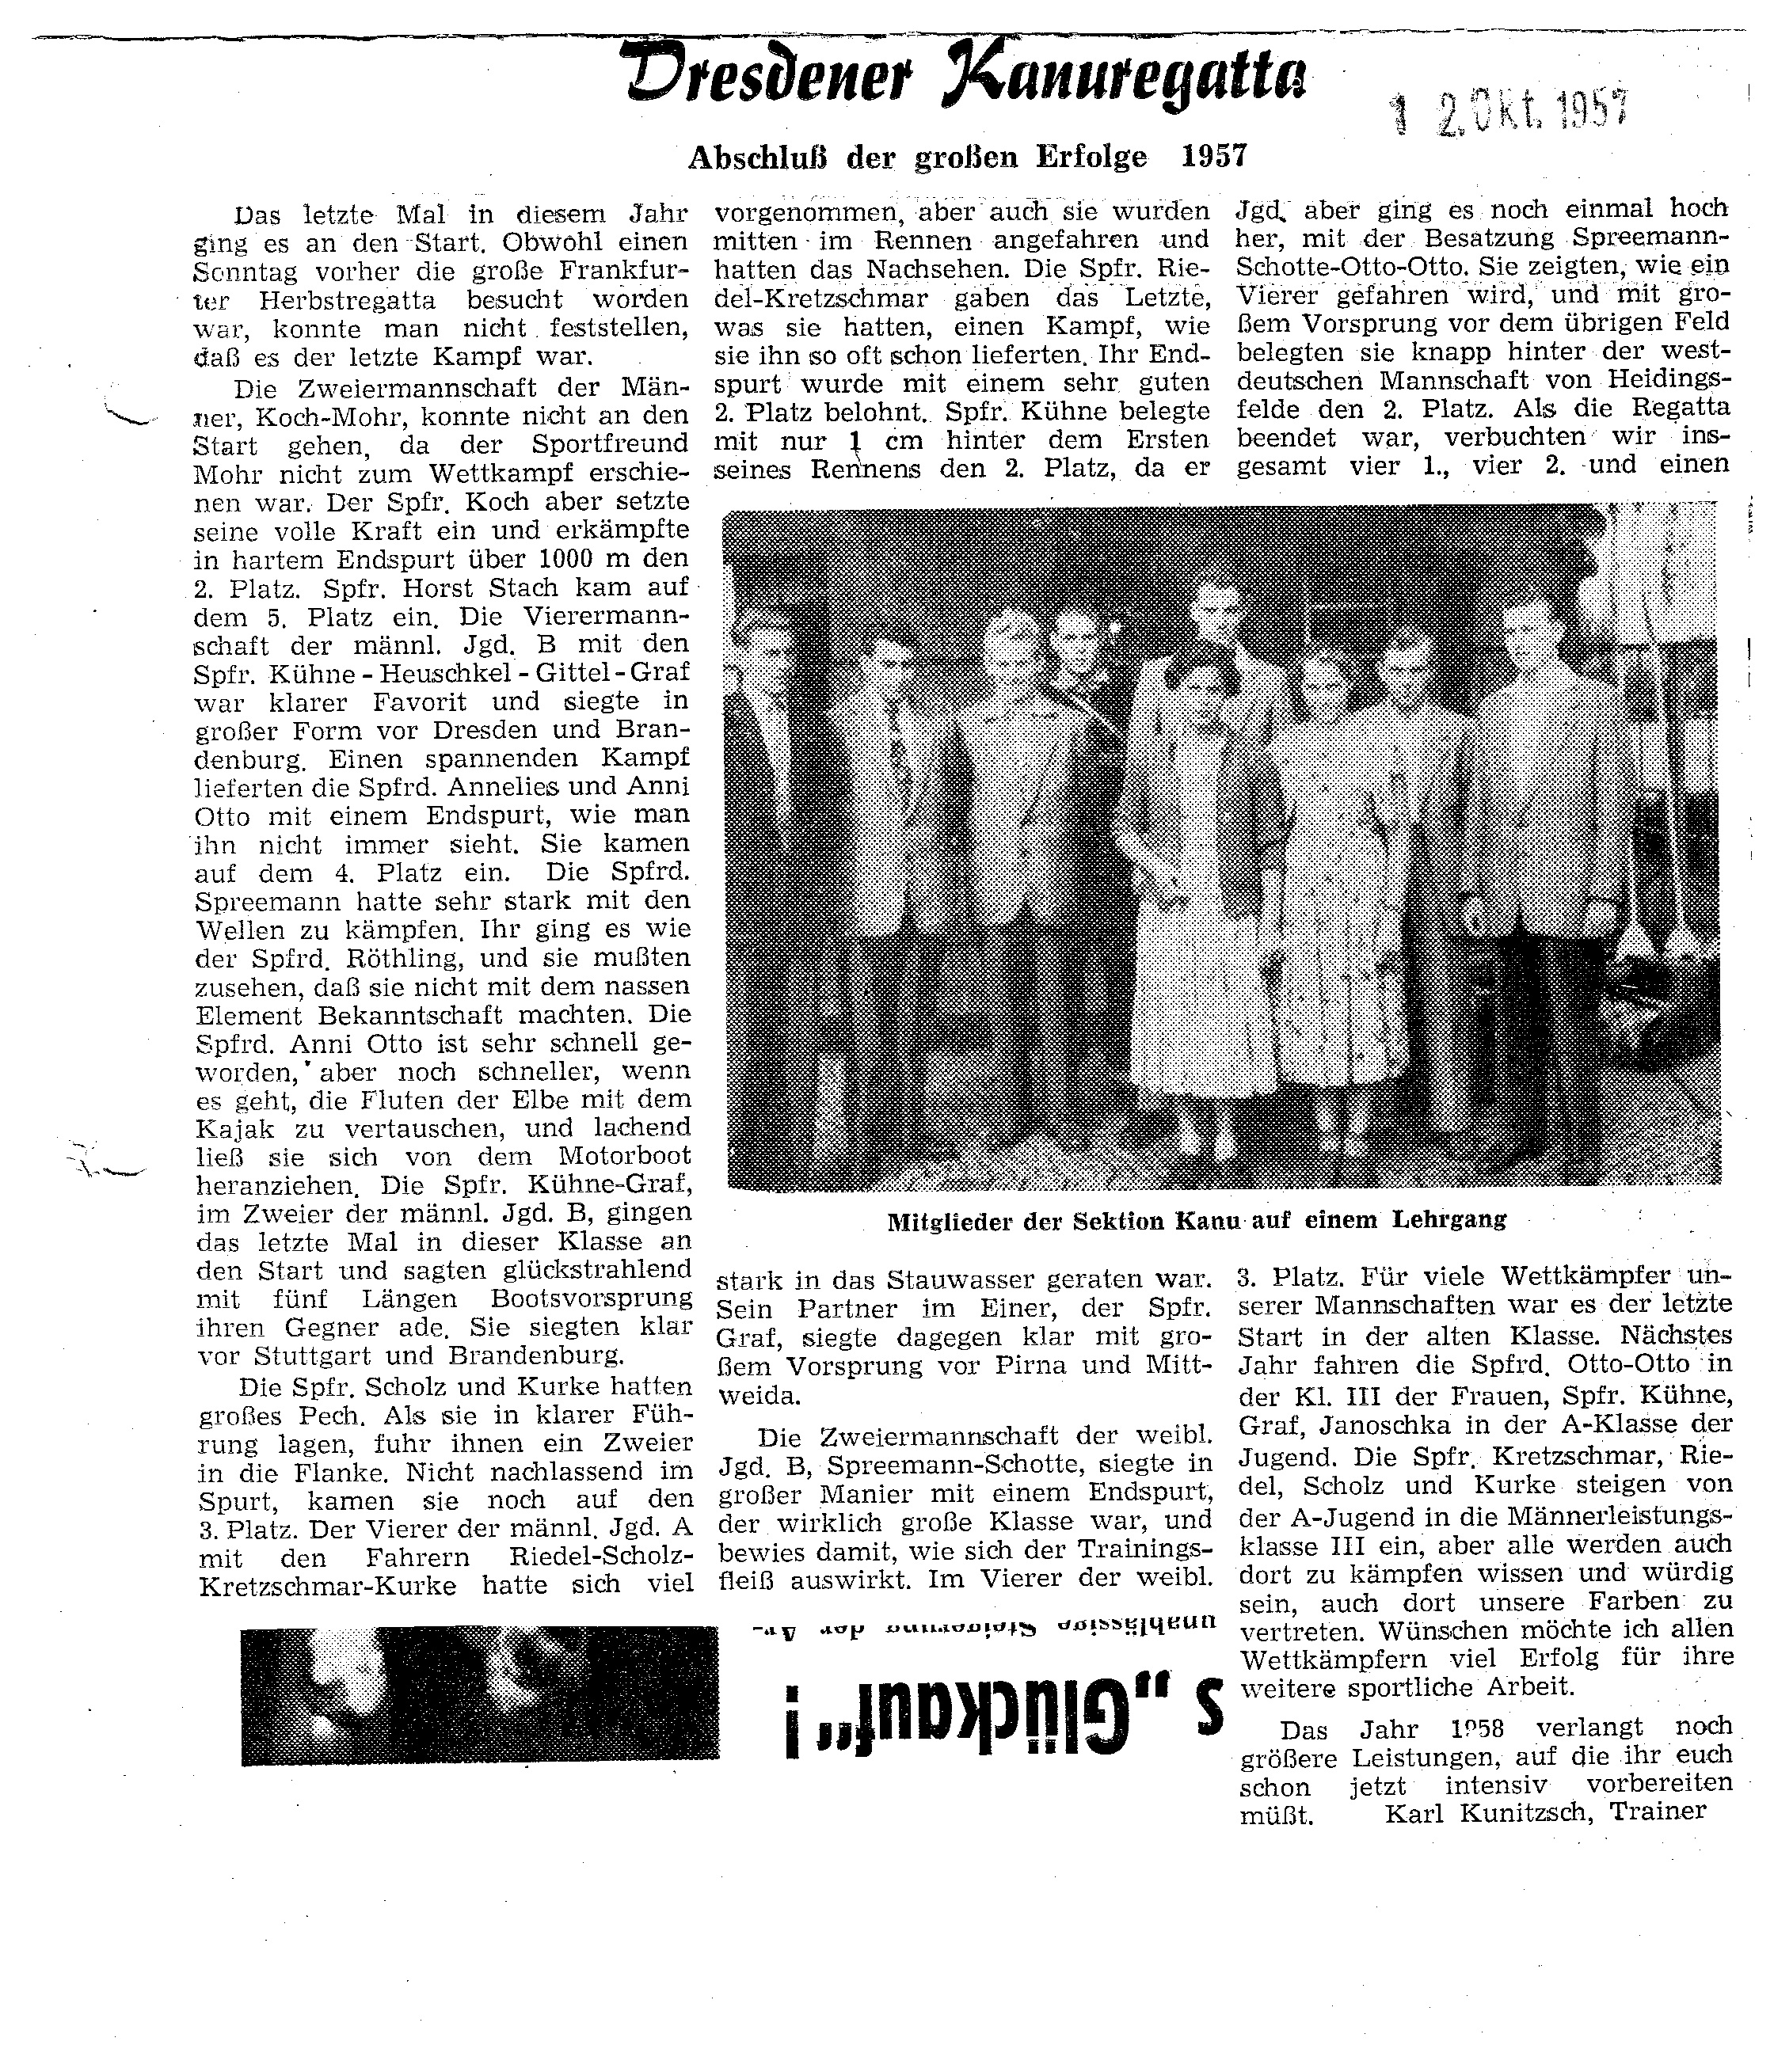 1957-10-12 Dresdener Kanuregatta